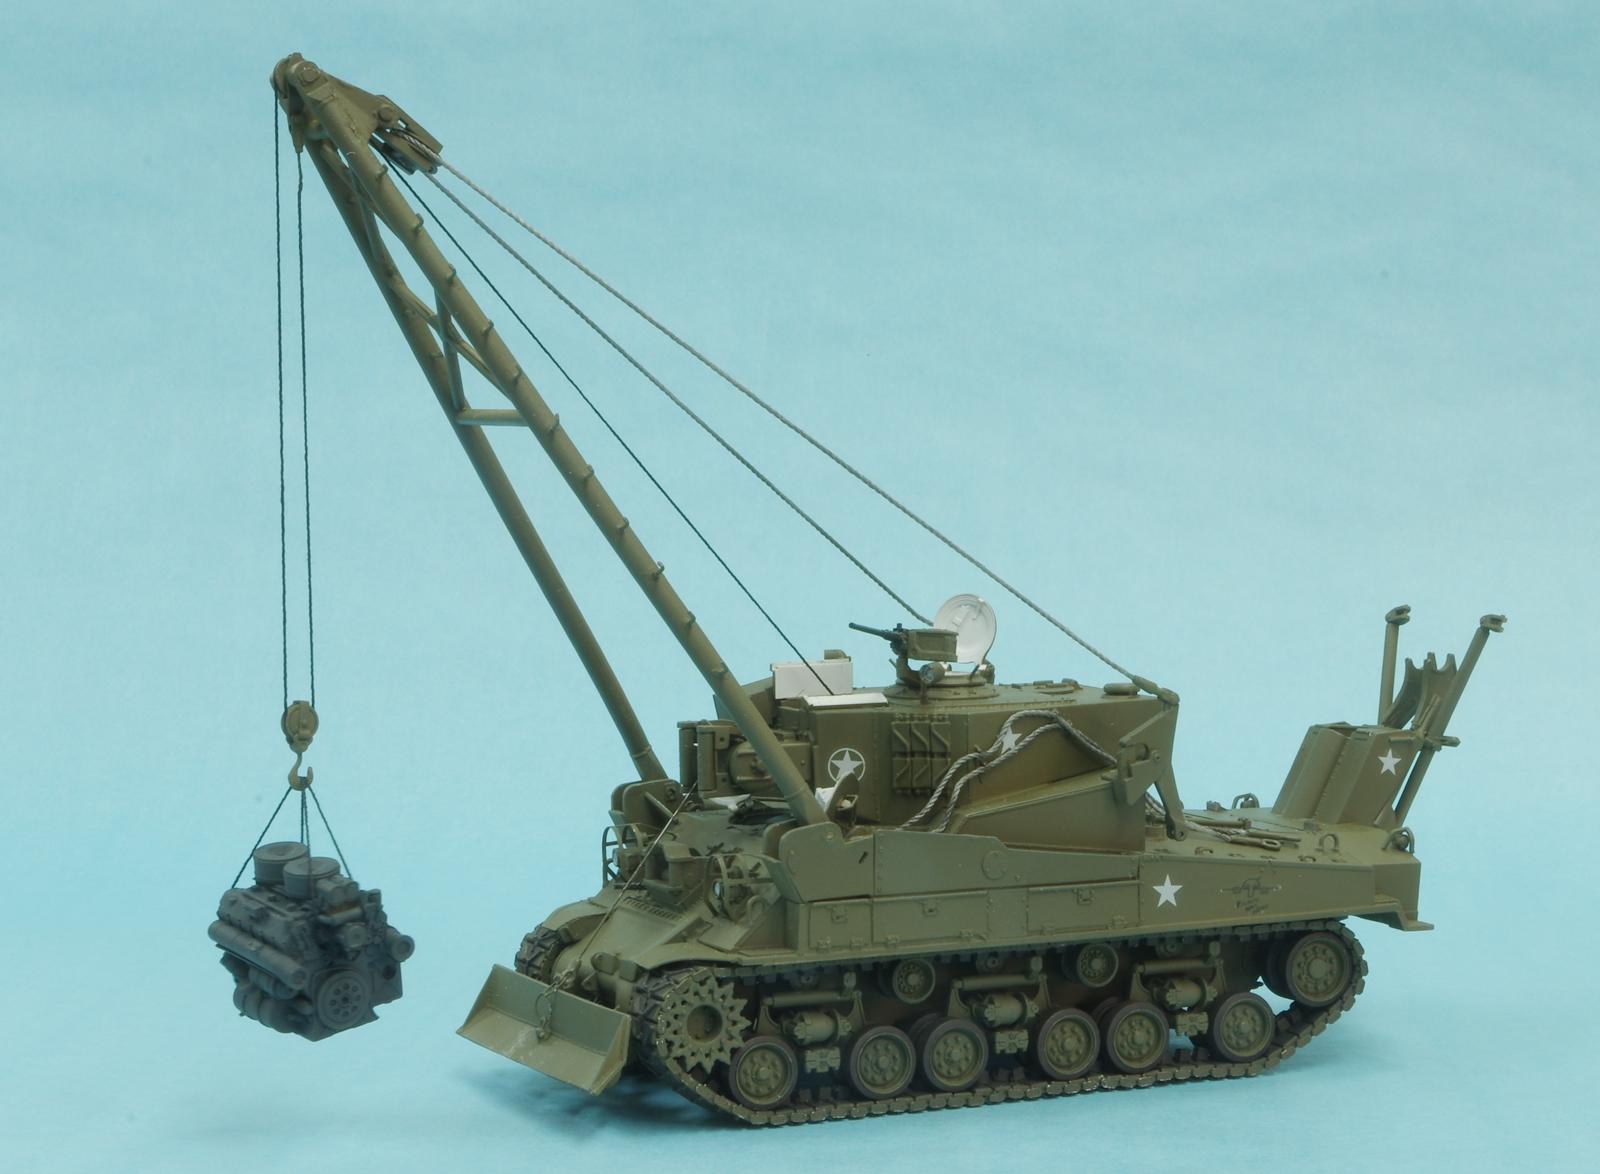 http://goldeneramodel.com/mymodels/armor/m74/036m74.jpg